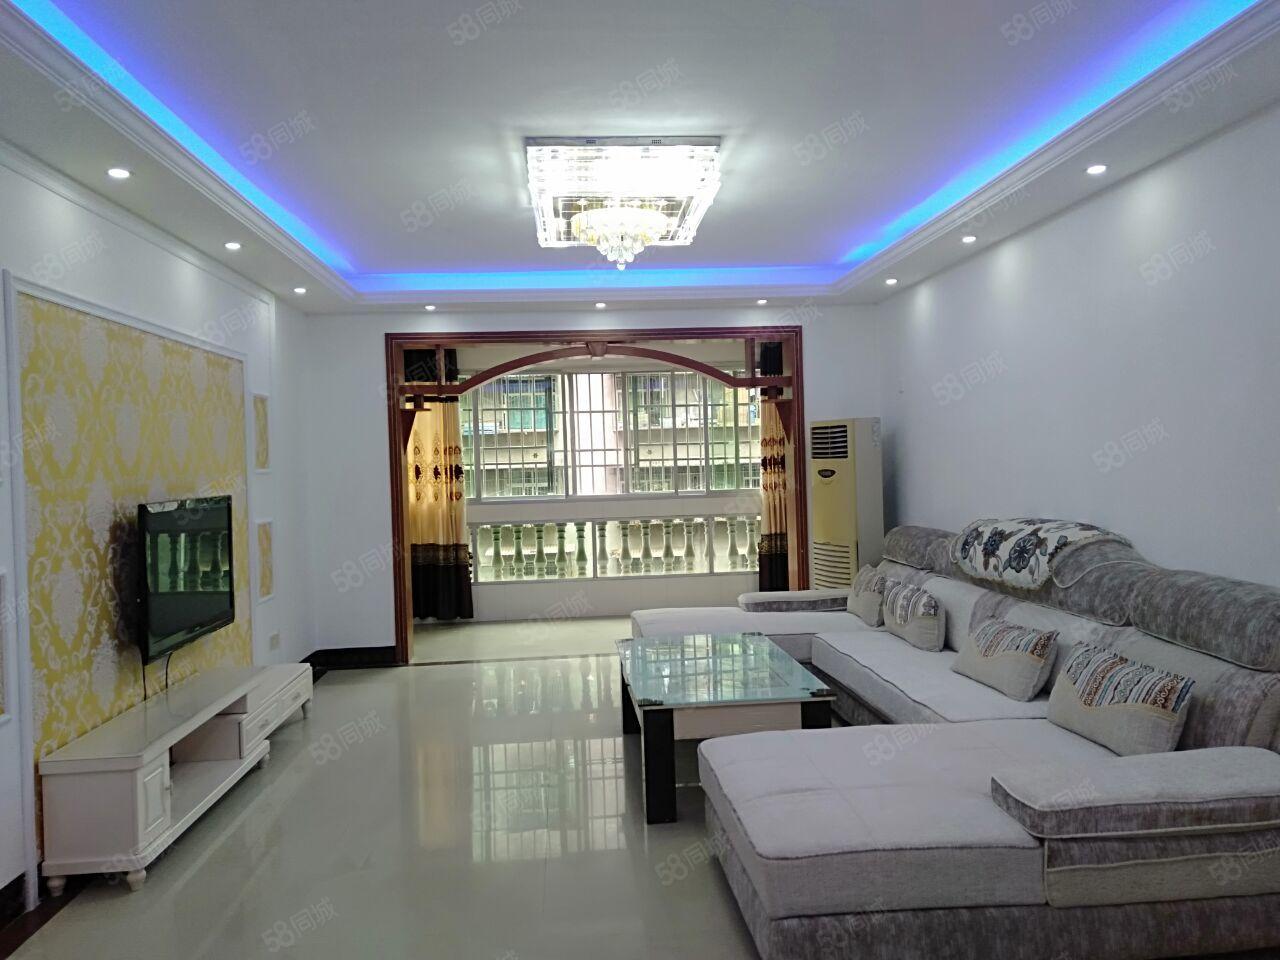 玉泉街小区房2楼3室2厅2卫134平米精装修家具电器齐全